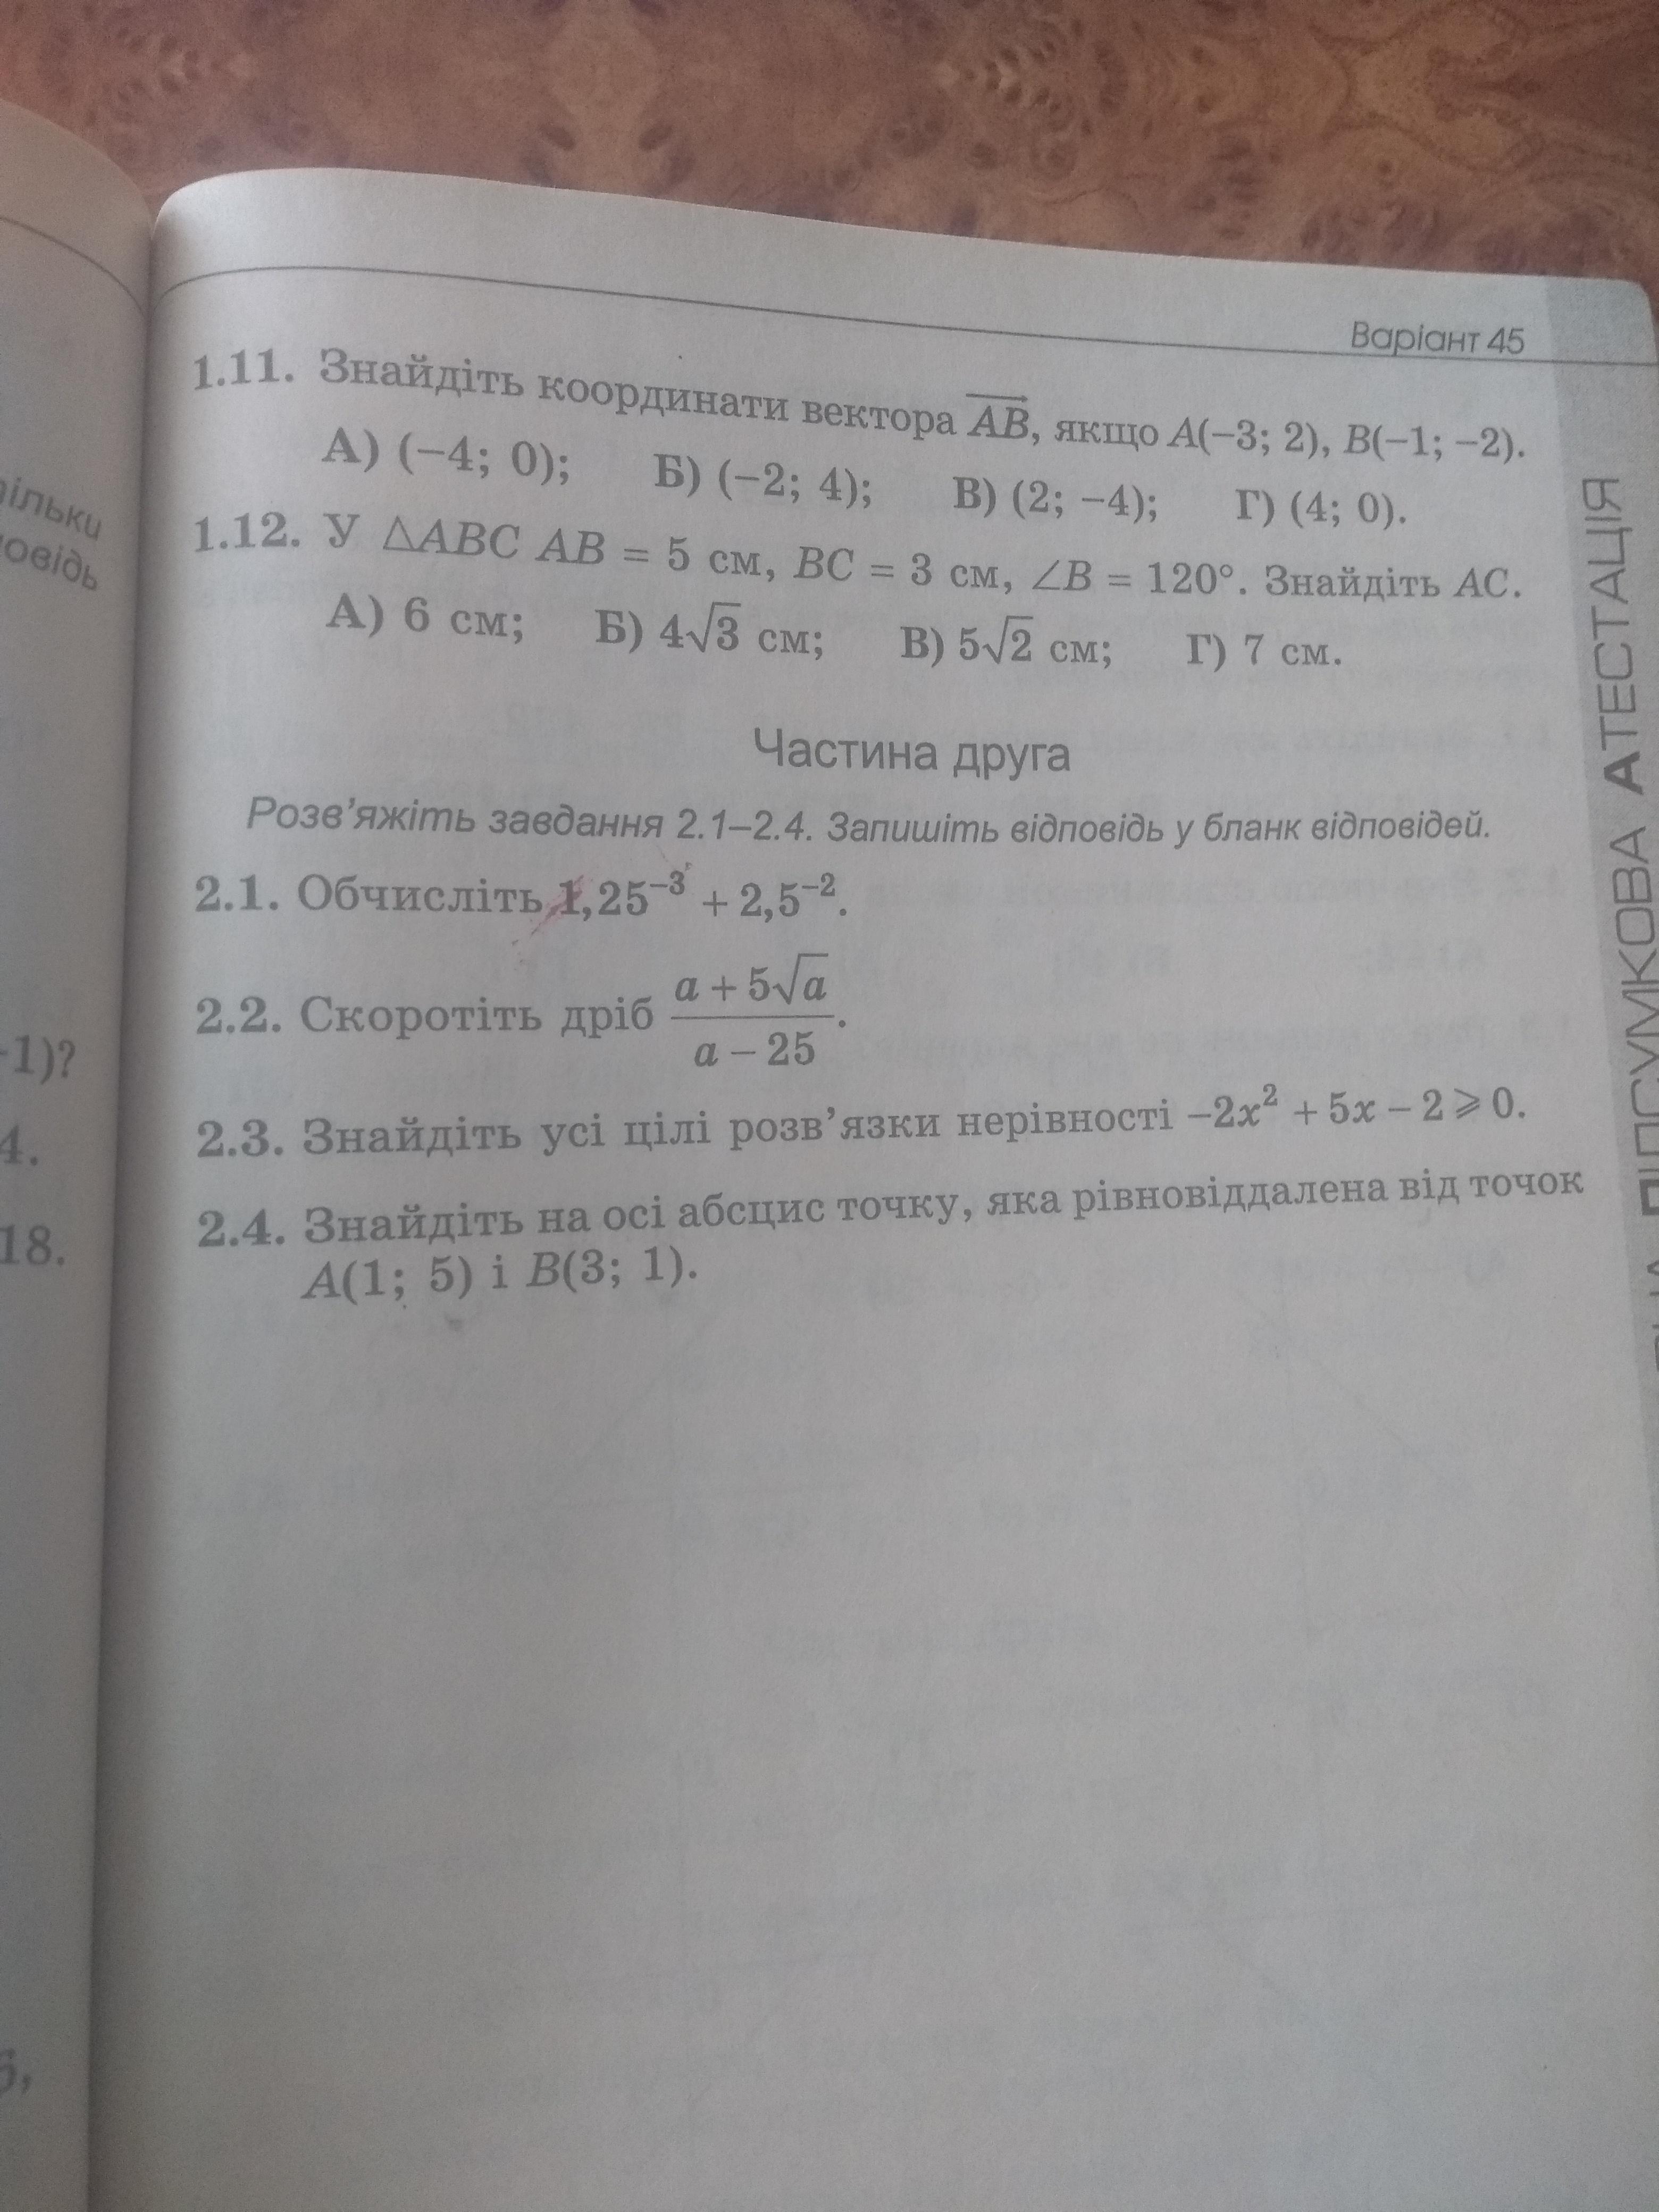 Номер 2.4 Допоможіть будь ласка!